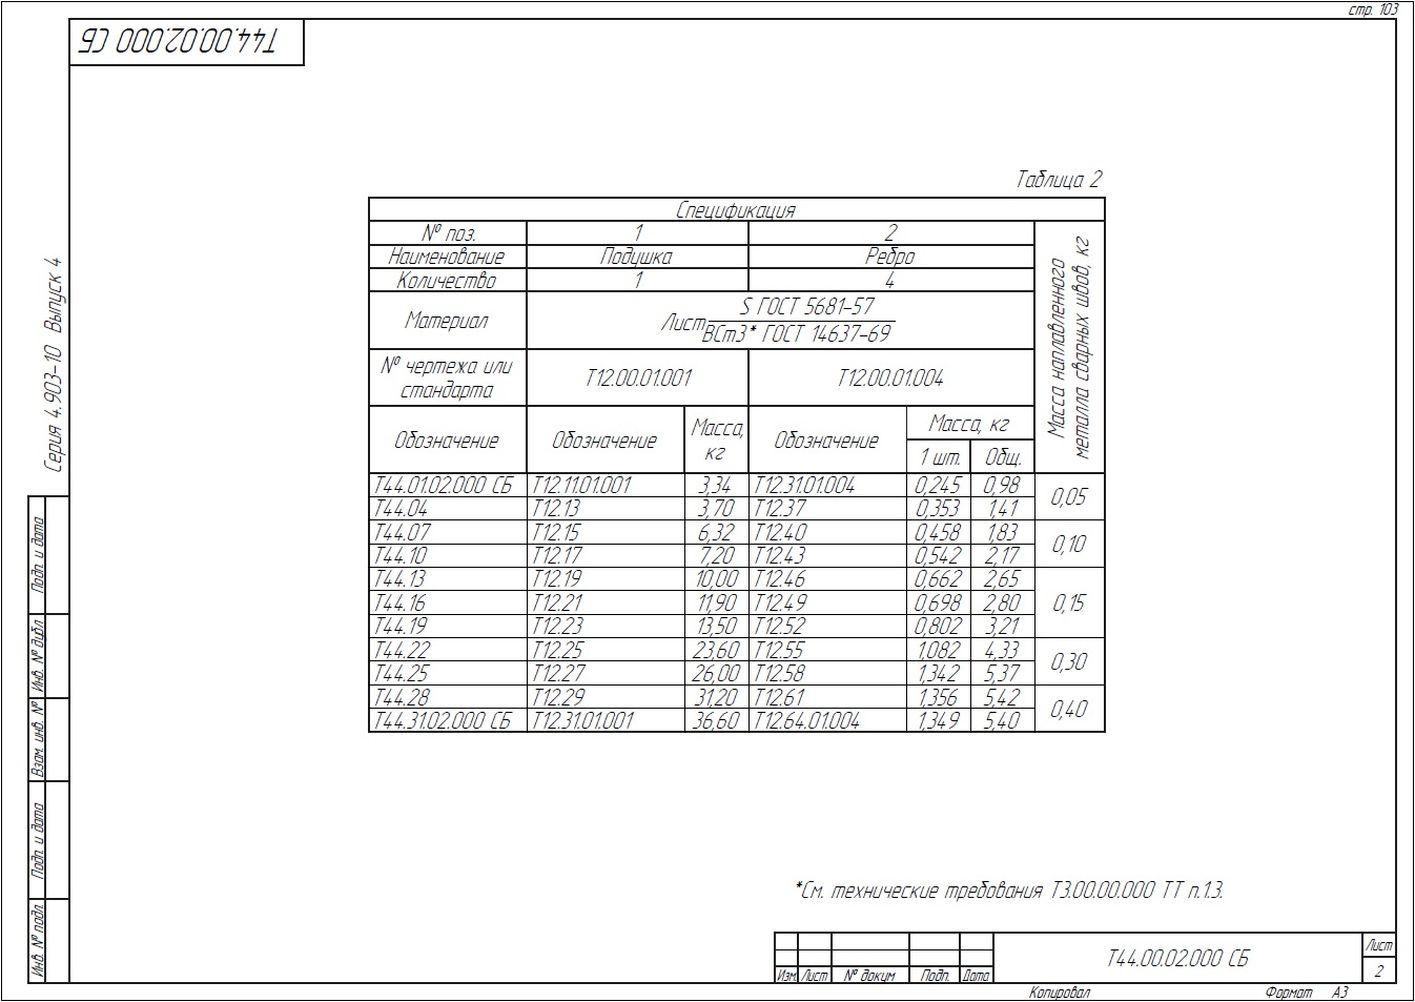 Опора неподвижная бугельная Т44 серия 4.903-10 вып.4 стр.6